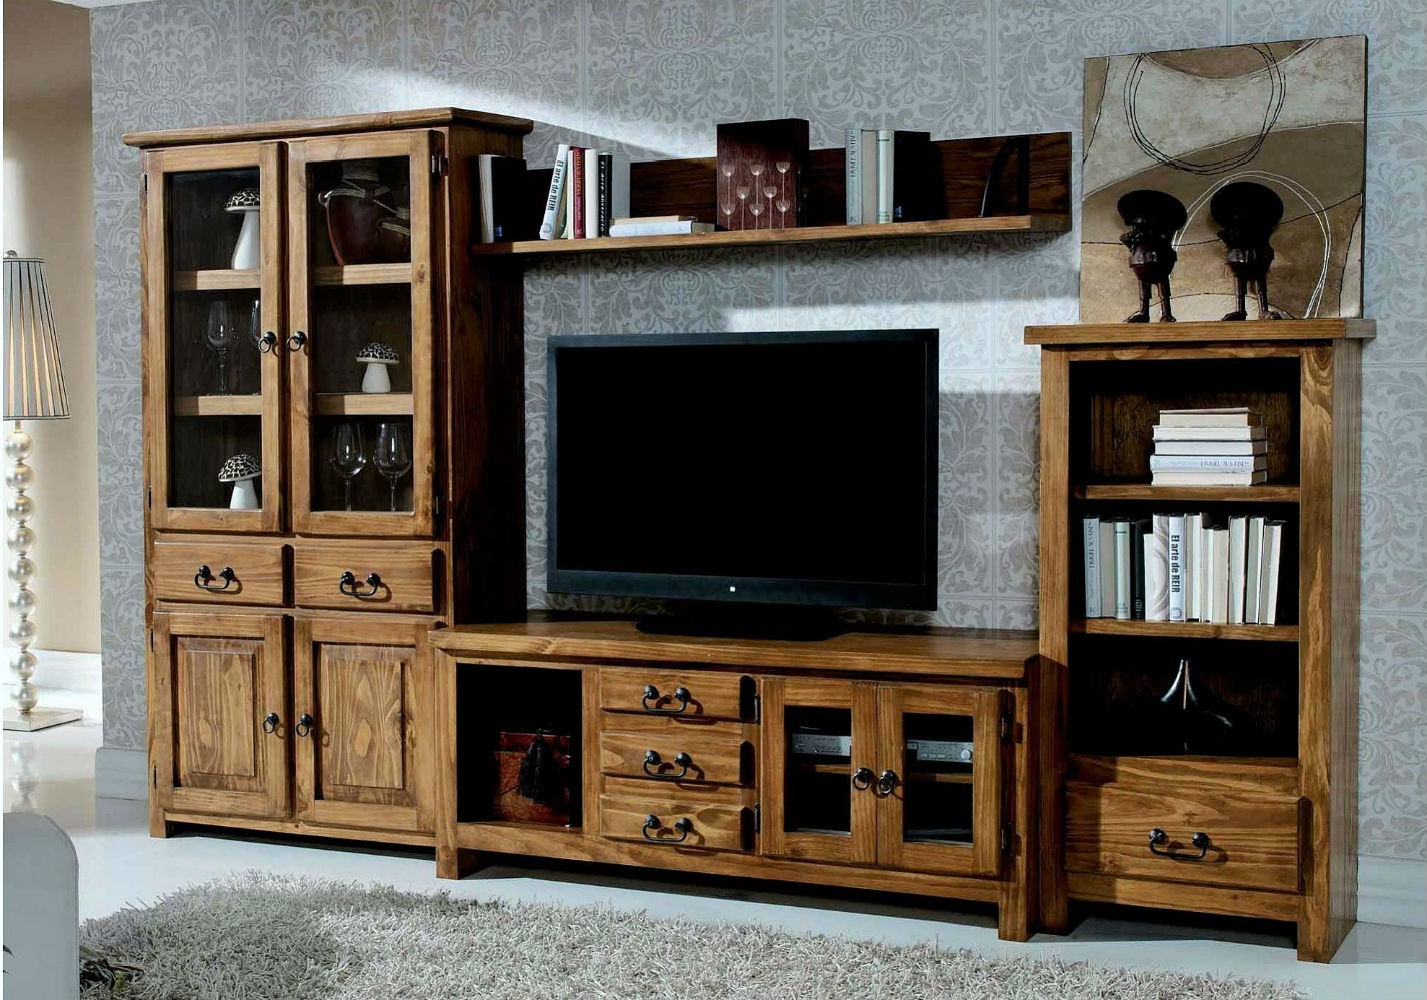 decoracion de interiores rusticos economicos:muebles rusticos mexicanos baratos